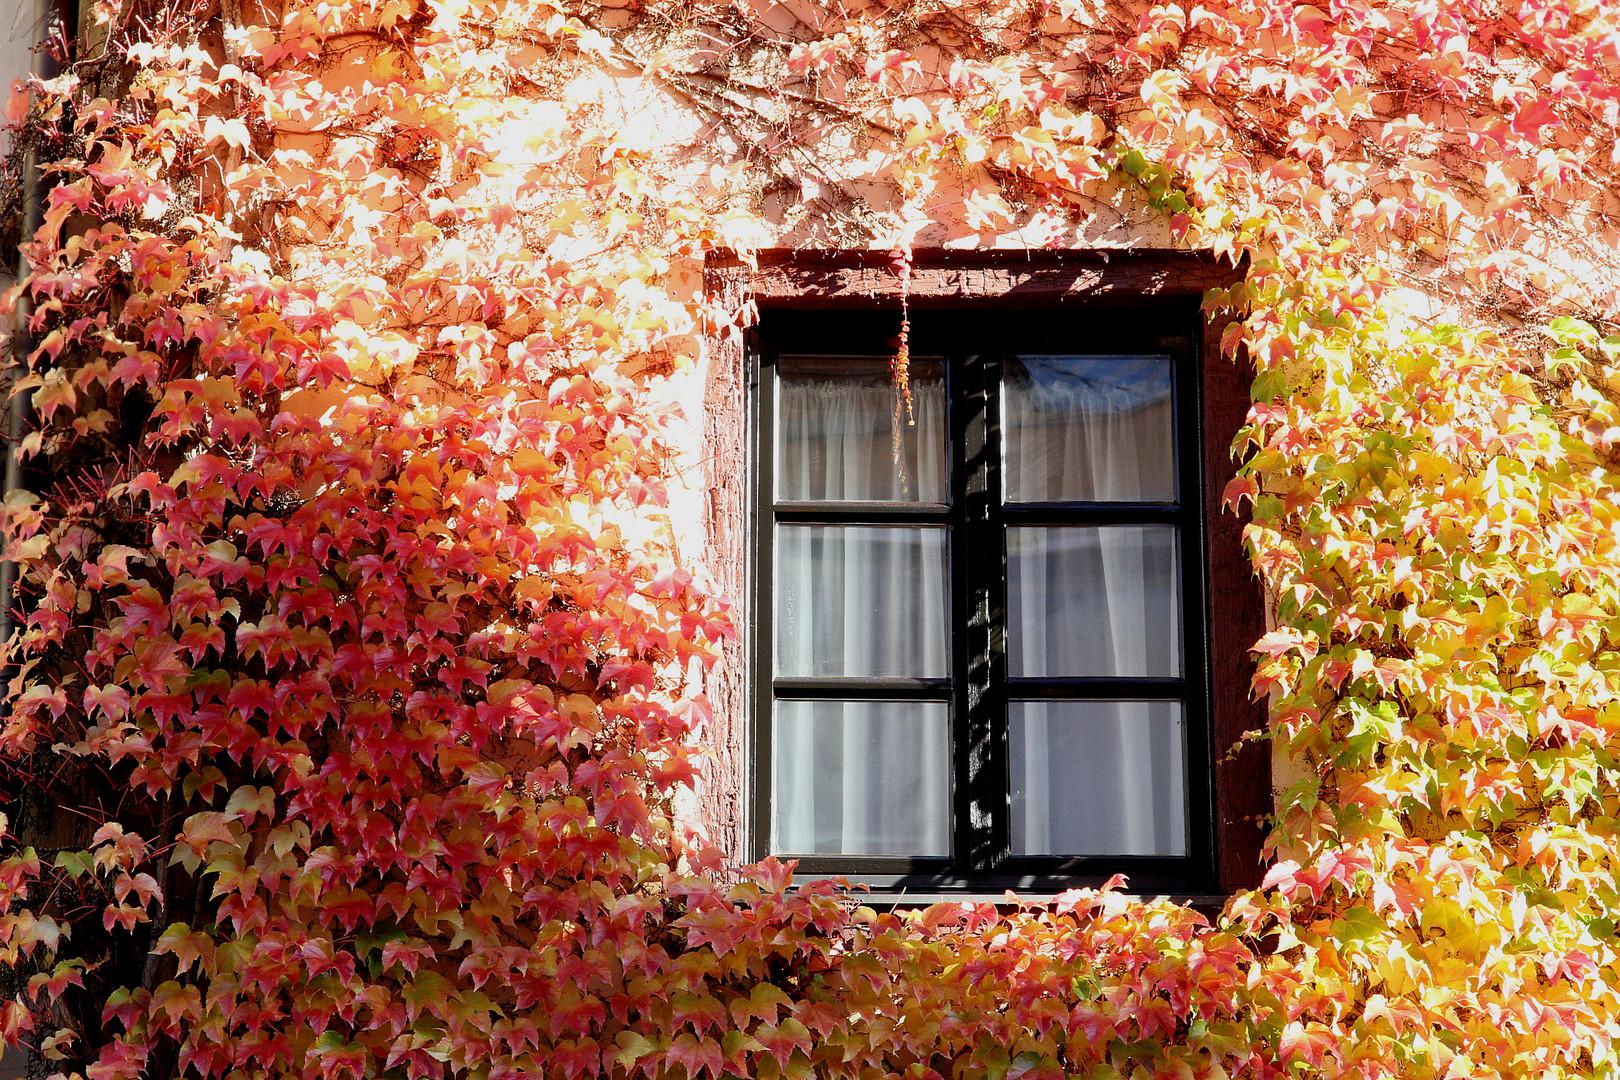 Herbst in Nürnberg 2